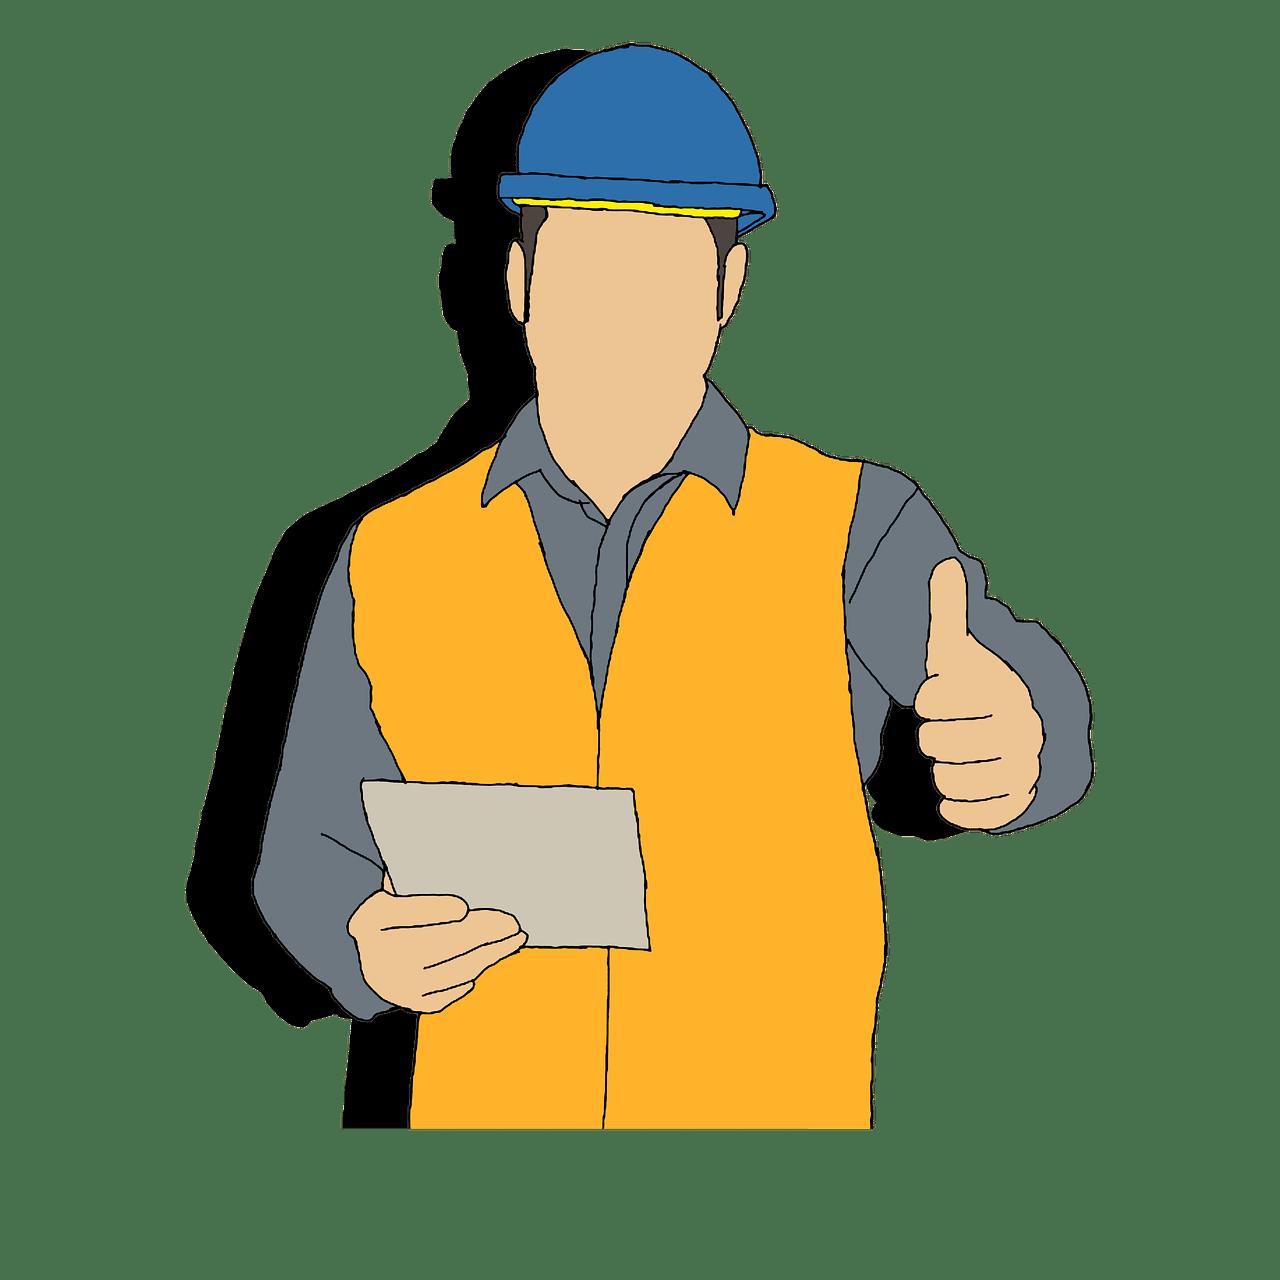 כללי בטיחות לעבודה במשרד וההתנהלות במקרה של פציעת עובד